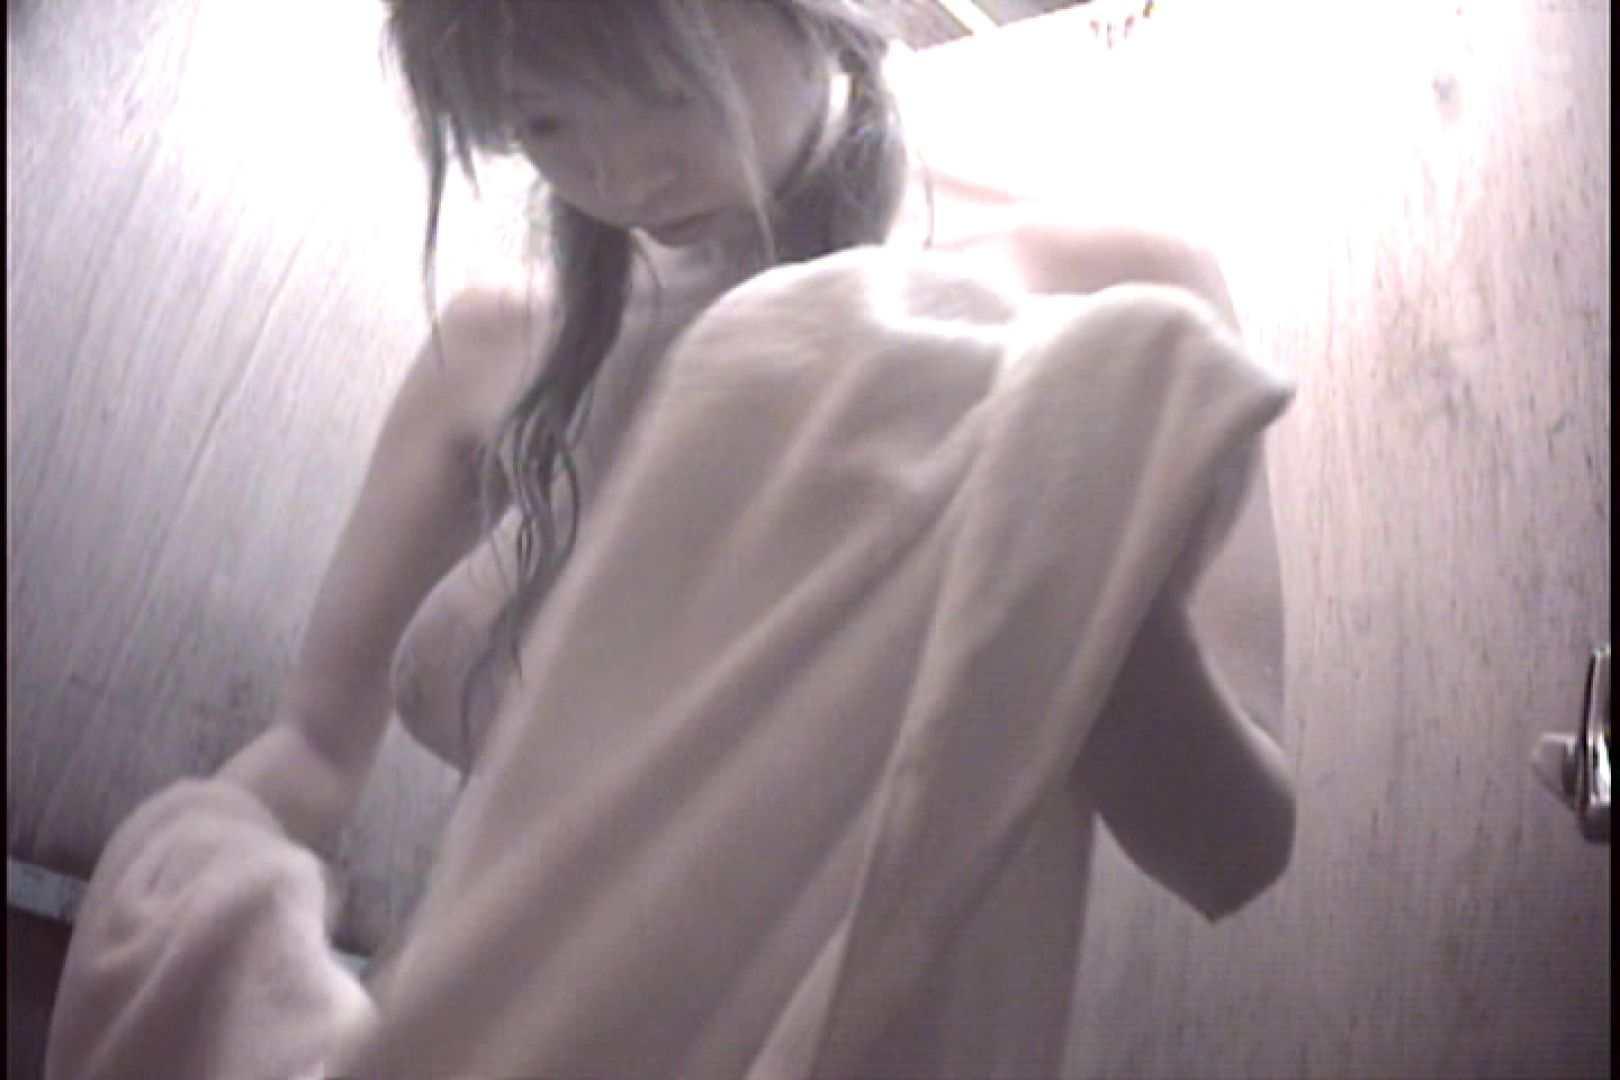 File.37 収穫の秋、こんなの取れました。必見です!【2011年20位】 名人 | シャワー室  91画像 25